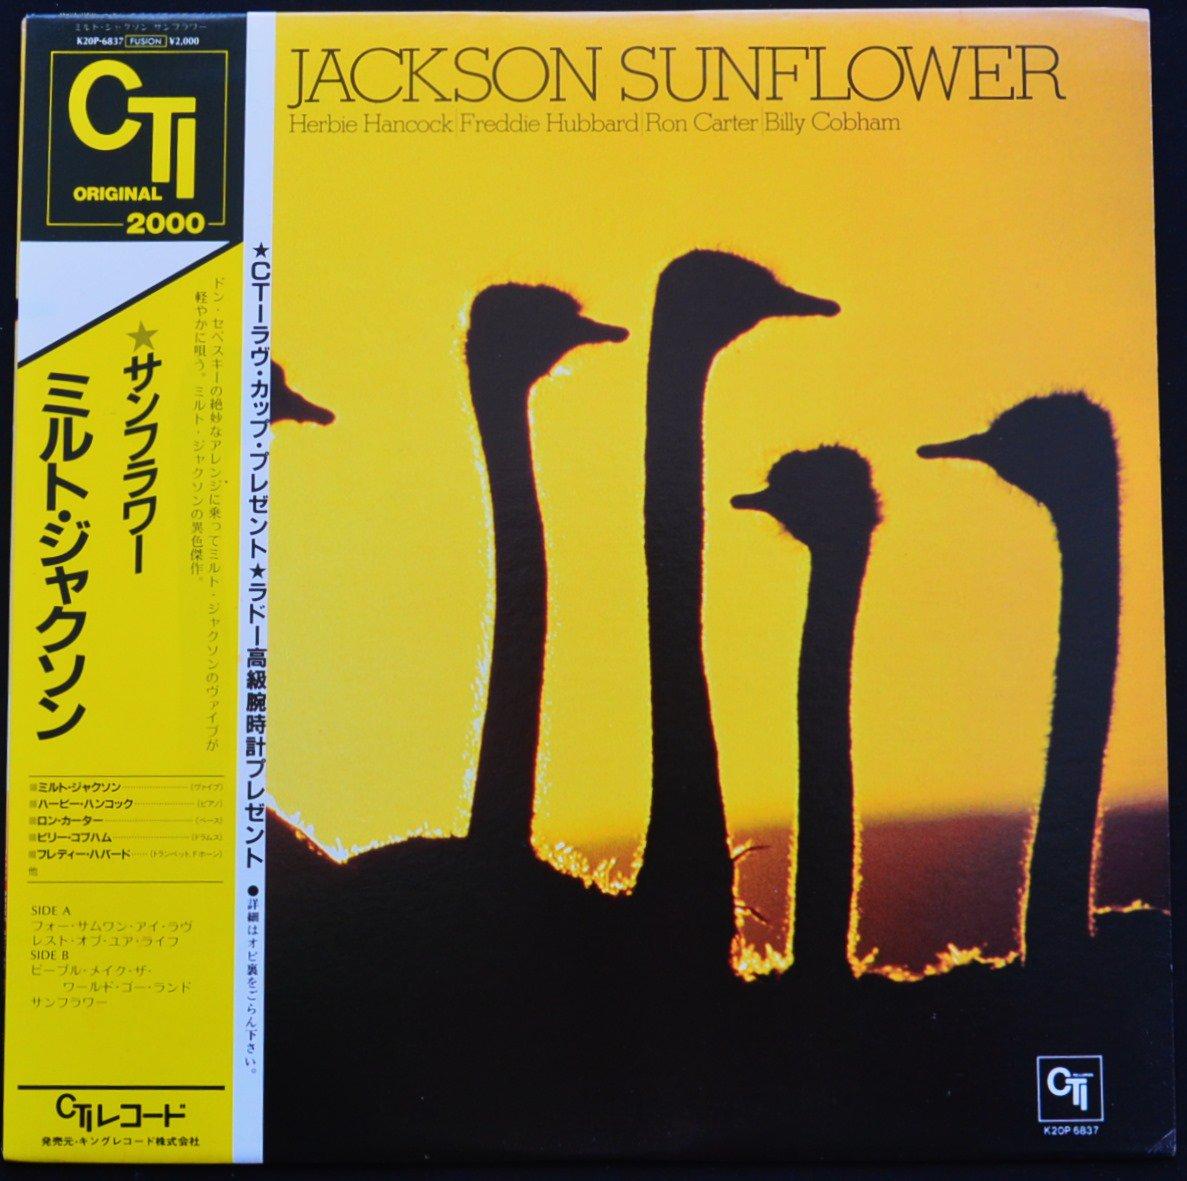 ミルト・ジャクソン MILT JACKSON / サンフラワー SUNFLOWER (LP)